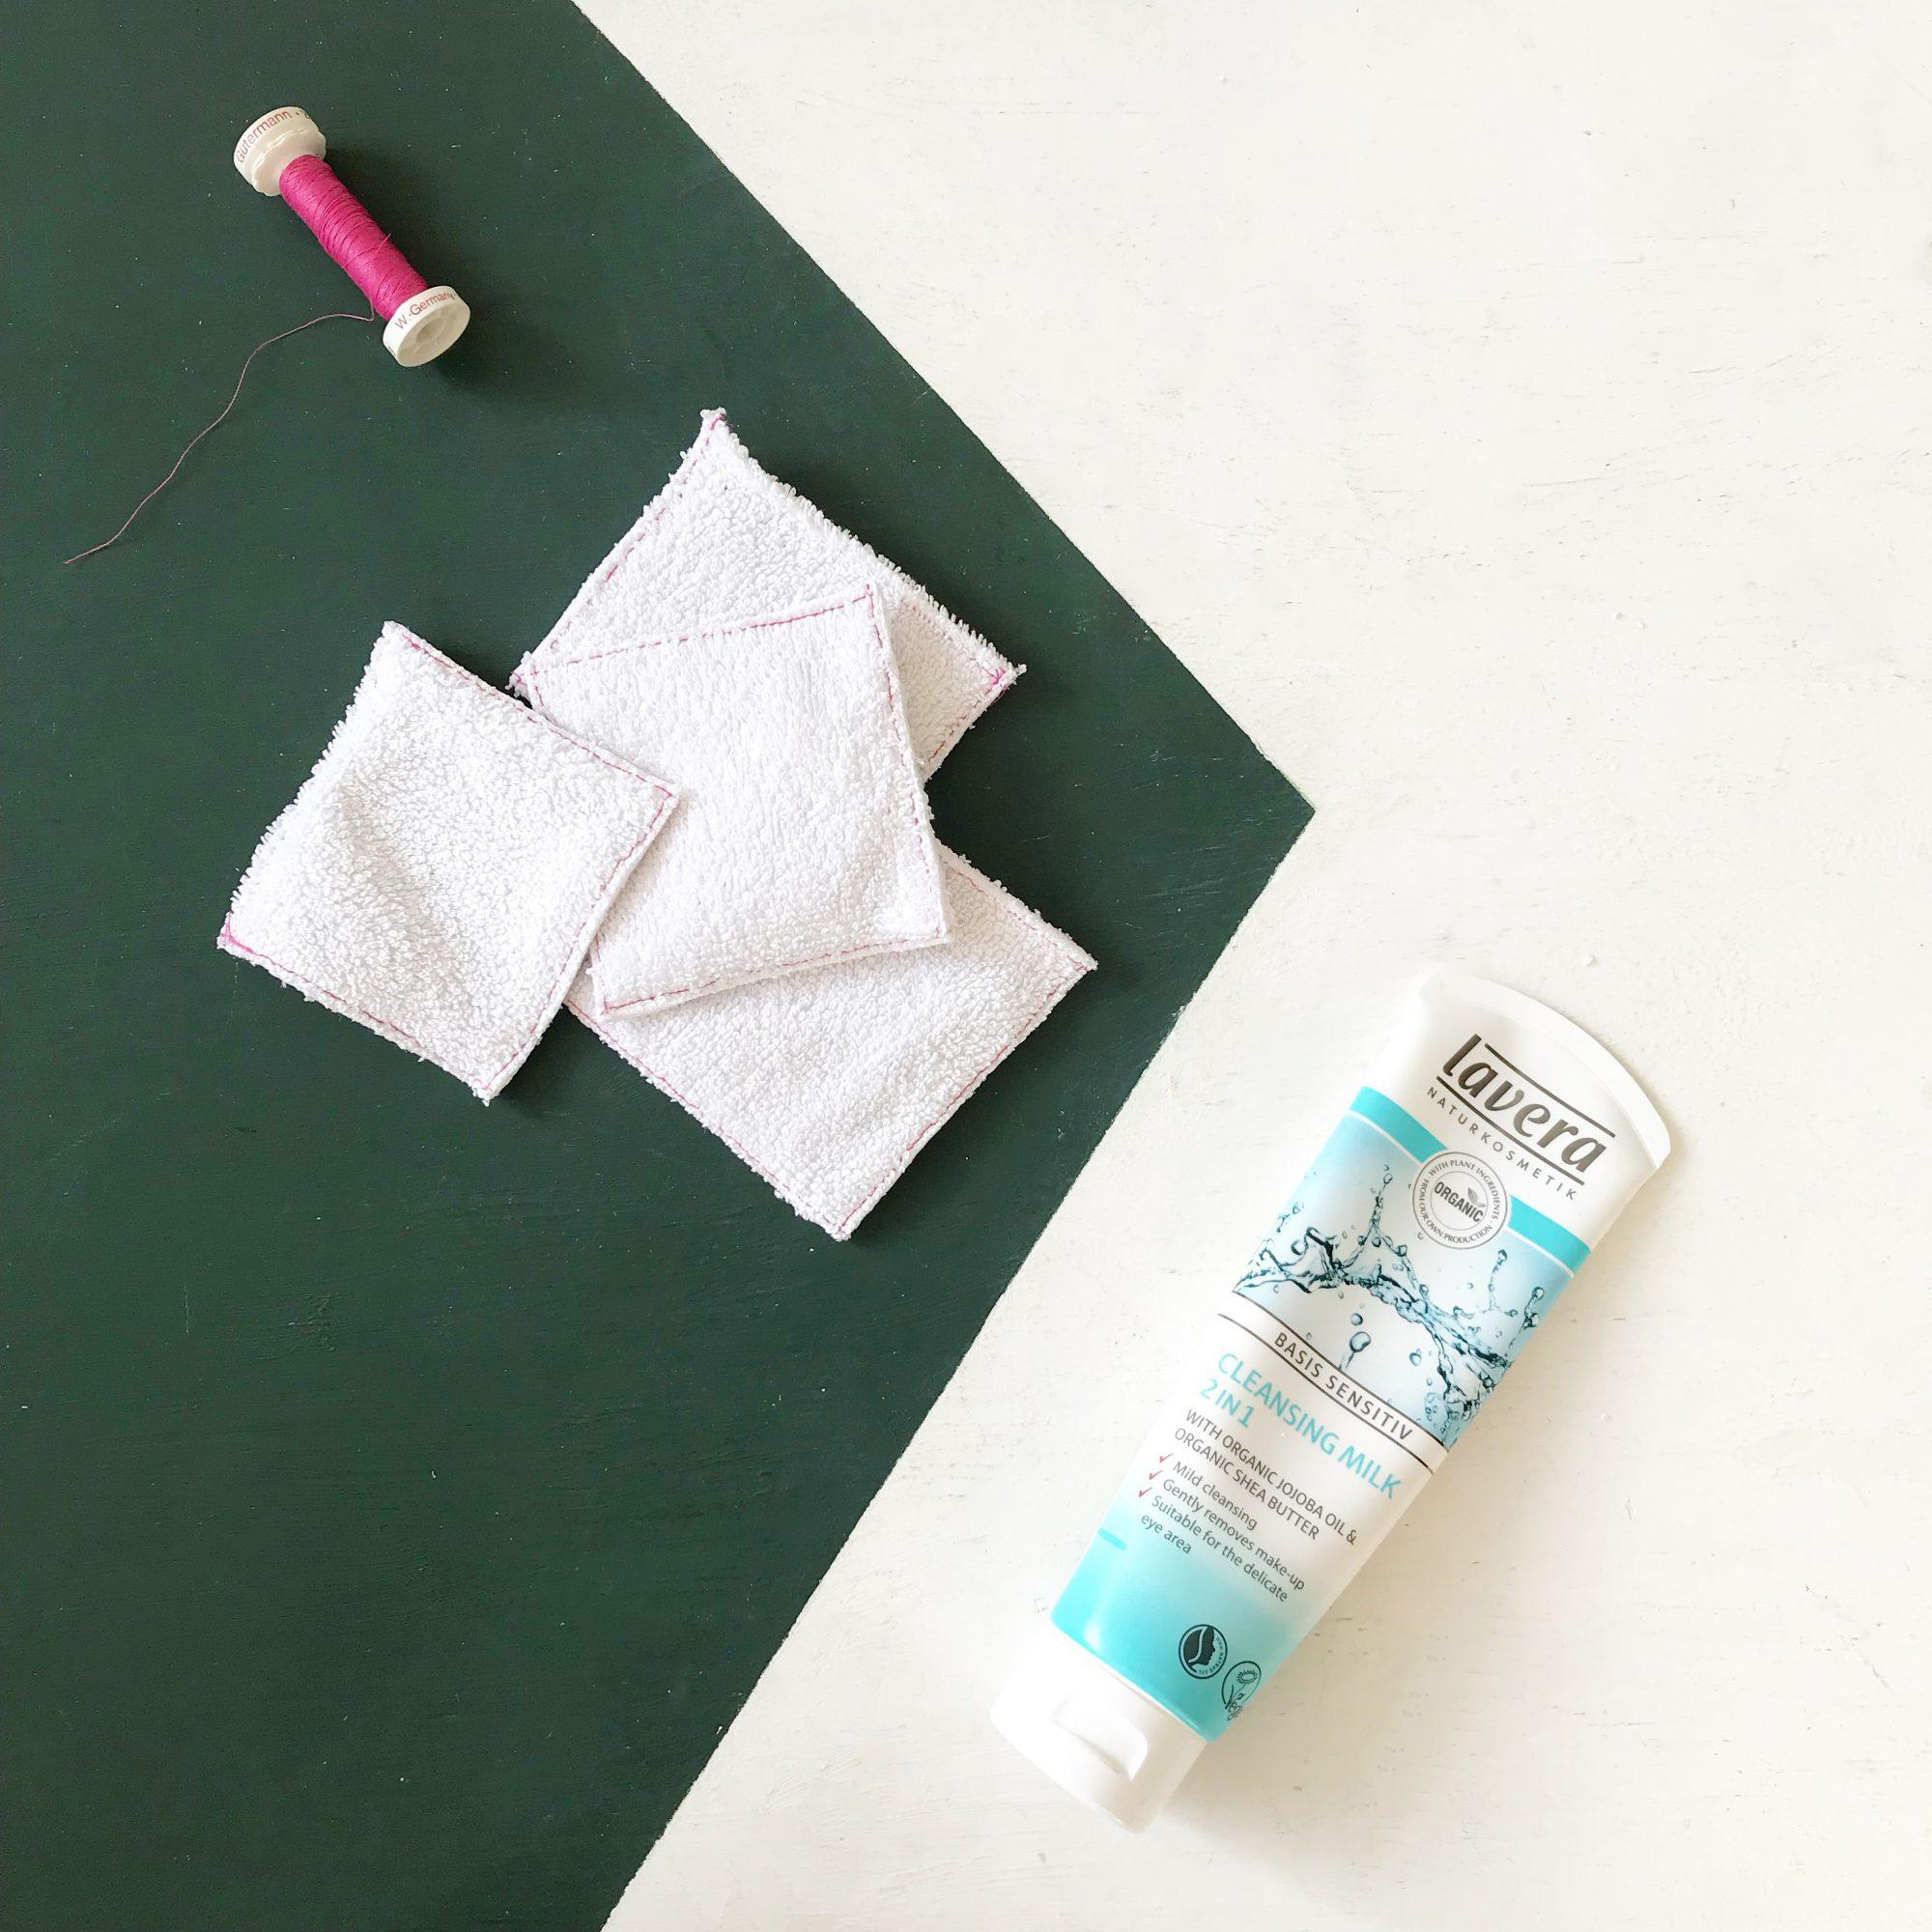 wasbare wattenschijfjes handdoek